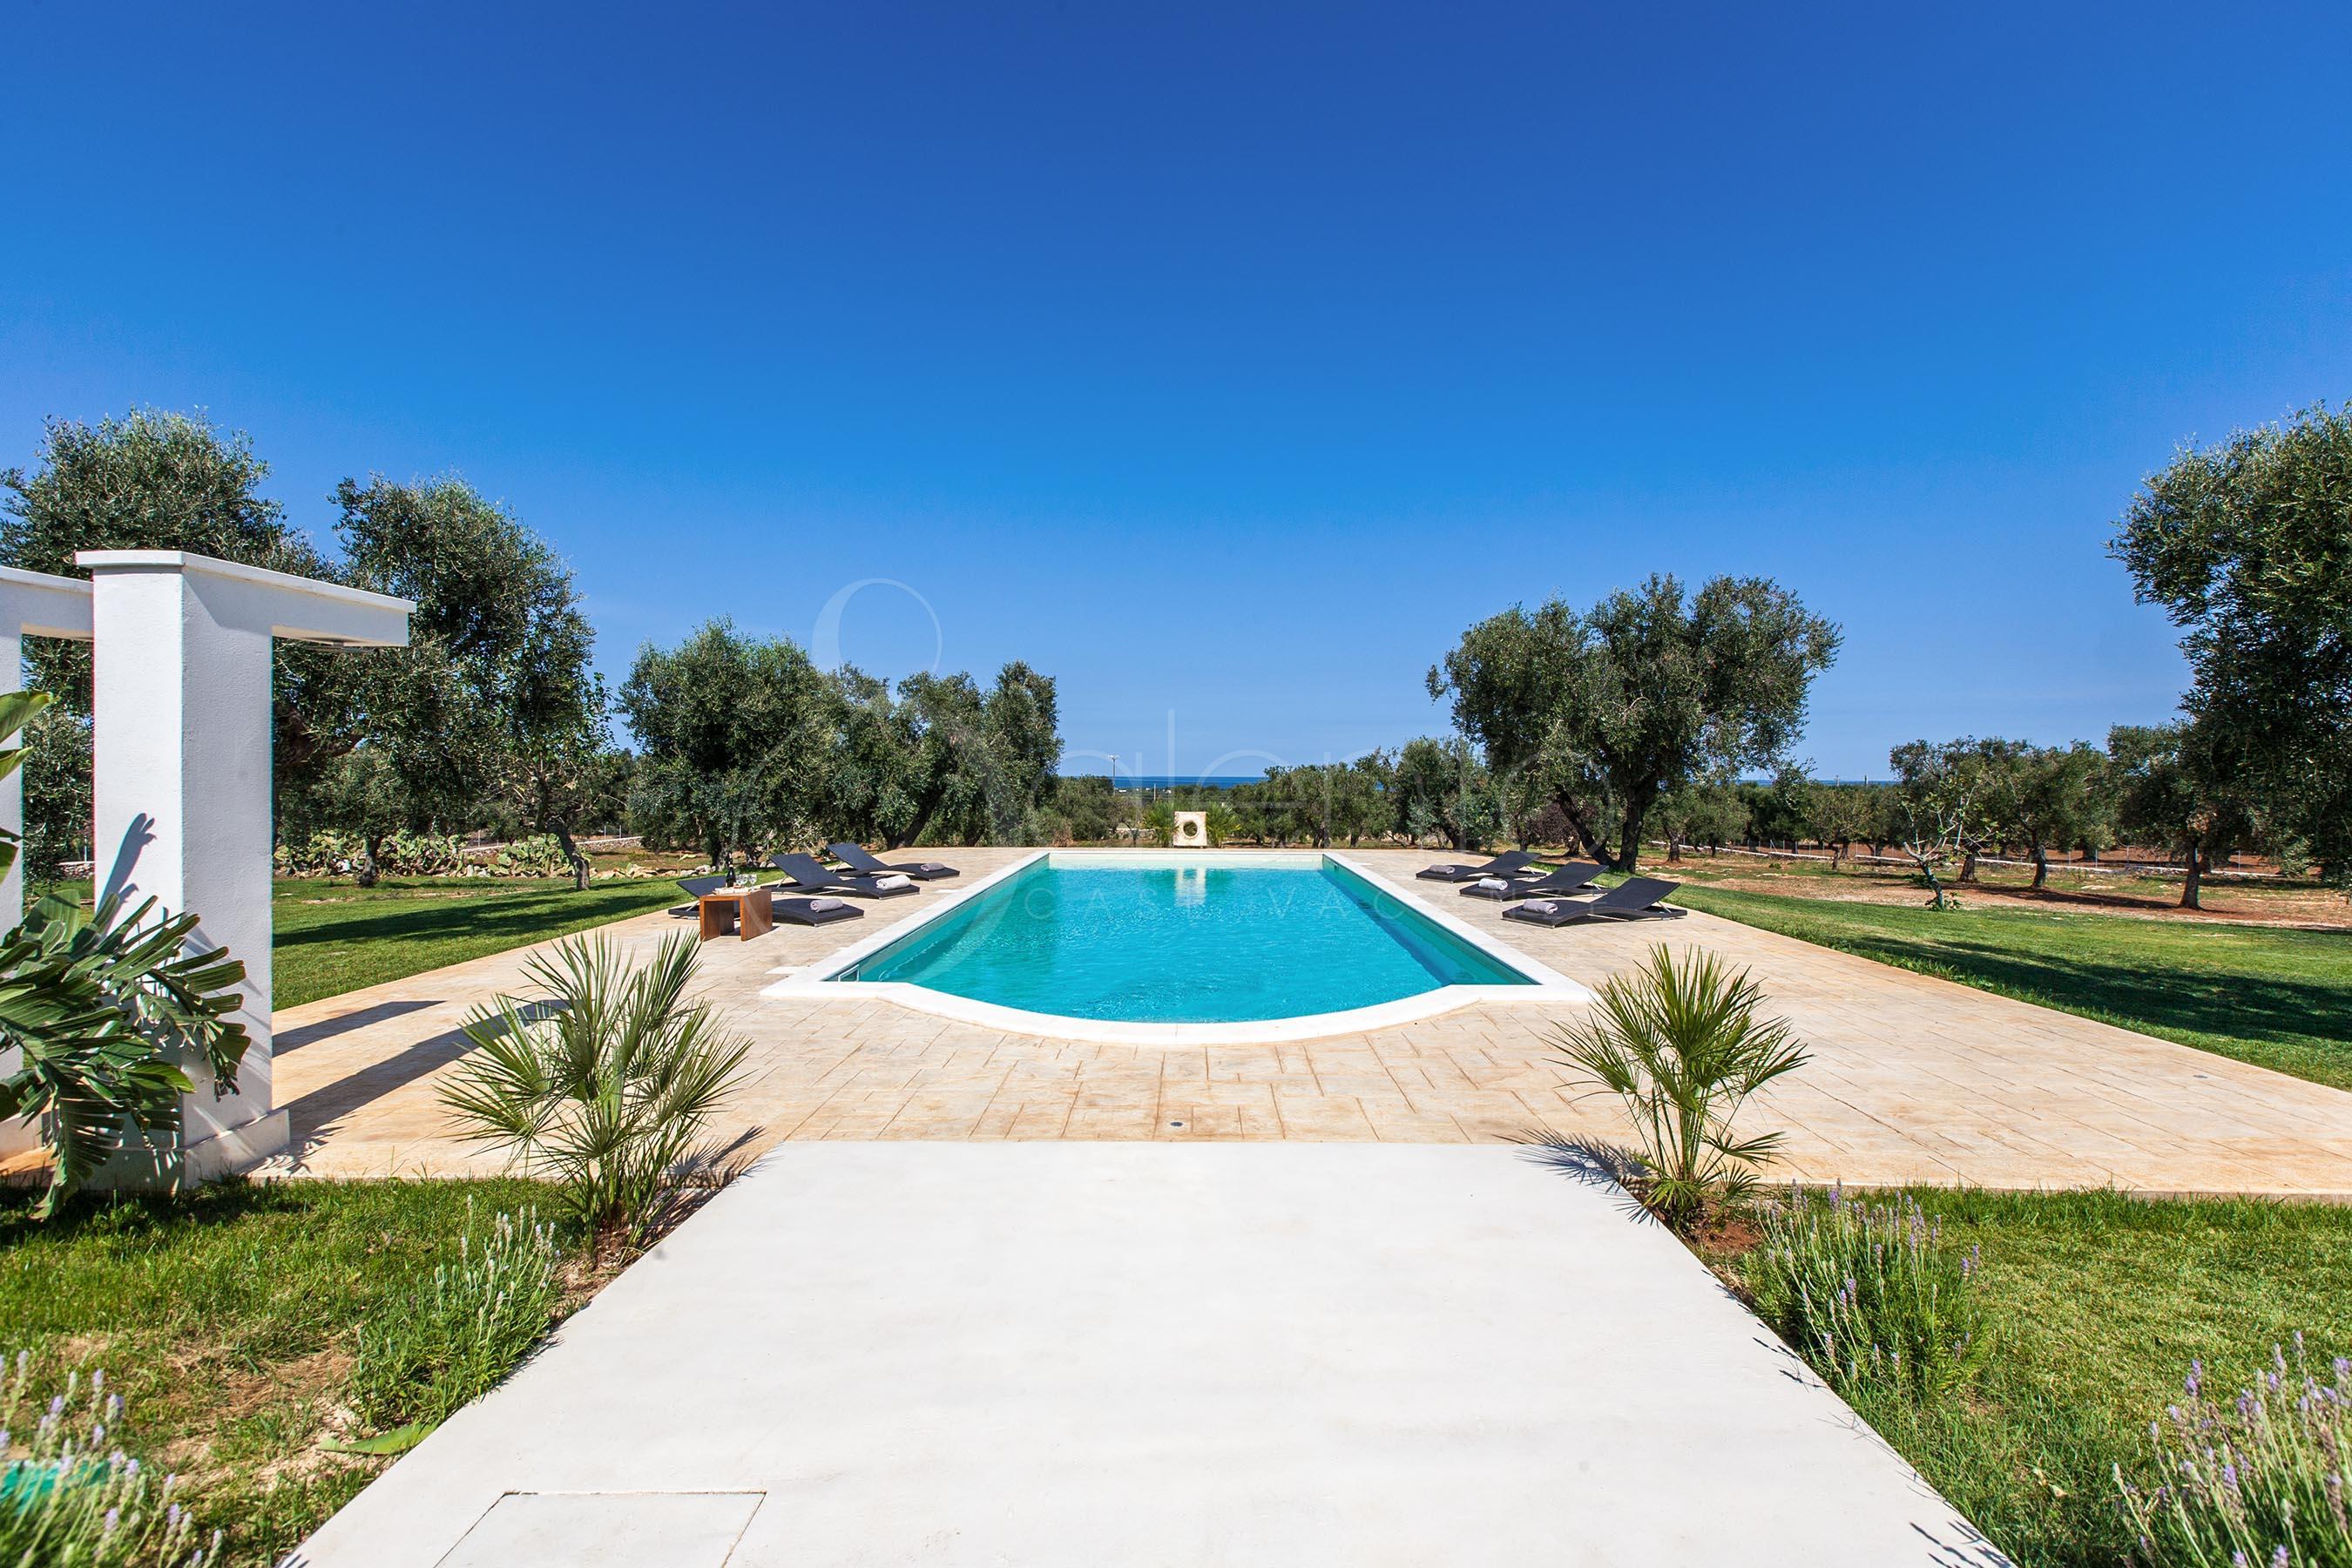 Monolocale con piscina vista mare in puglia - Residence puglia mare con piscina ...